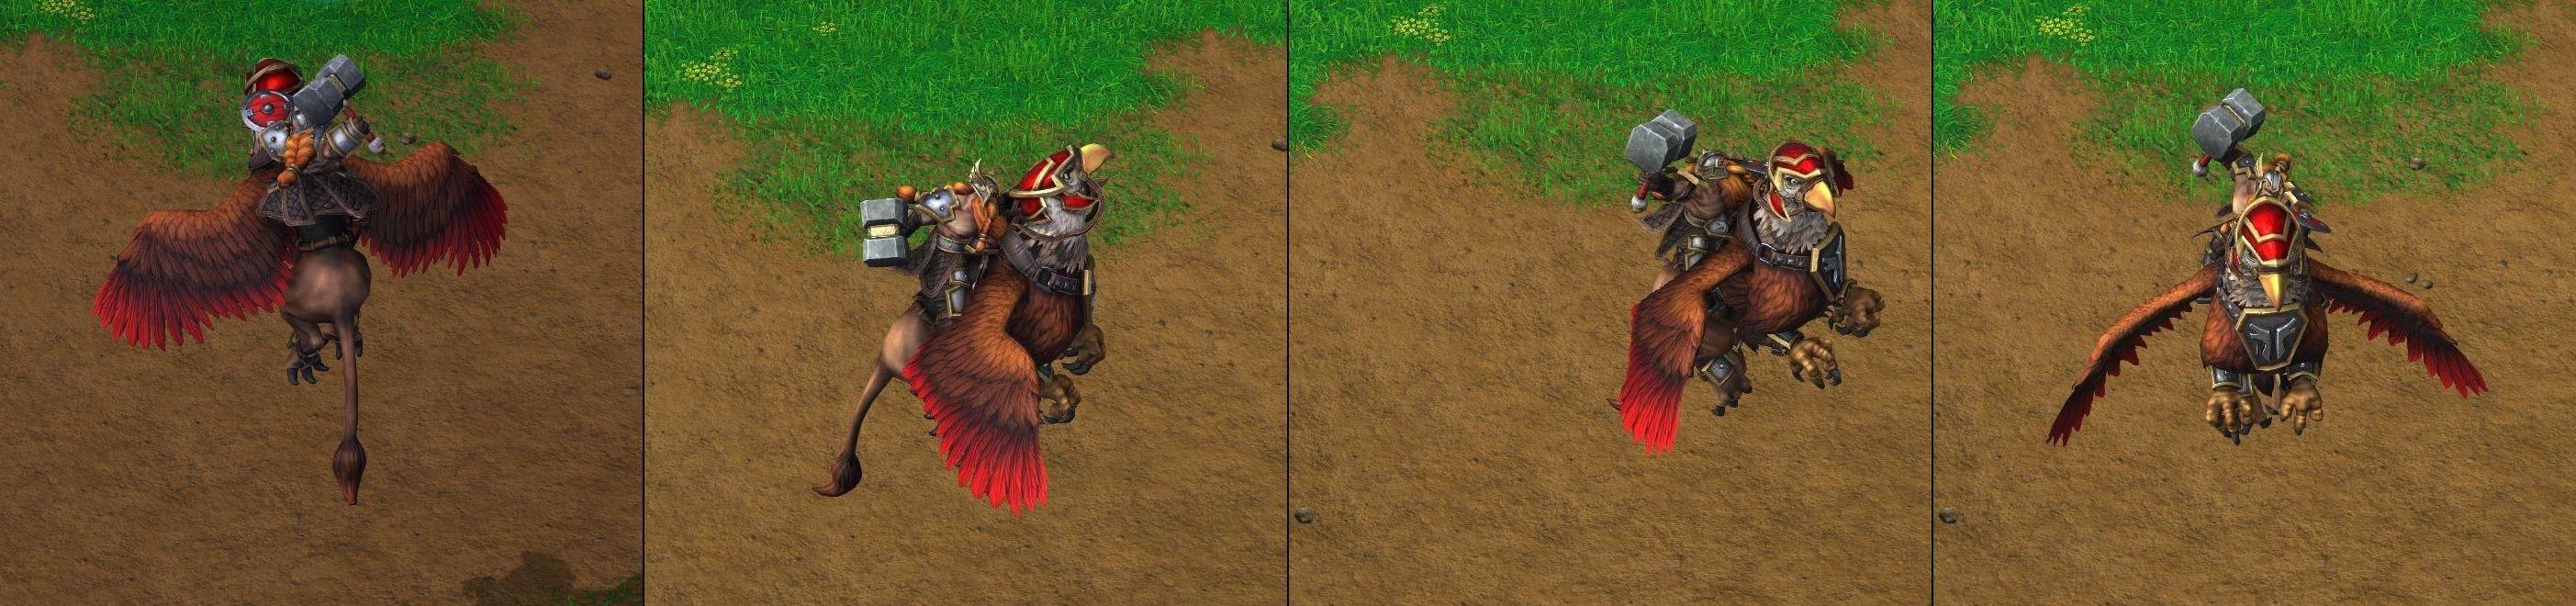 Warcraft 3 Reforged Gryphon Rider